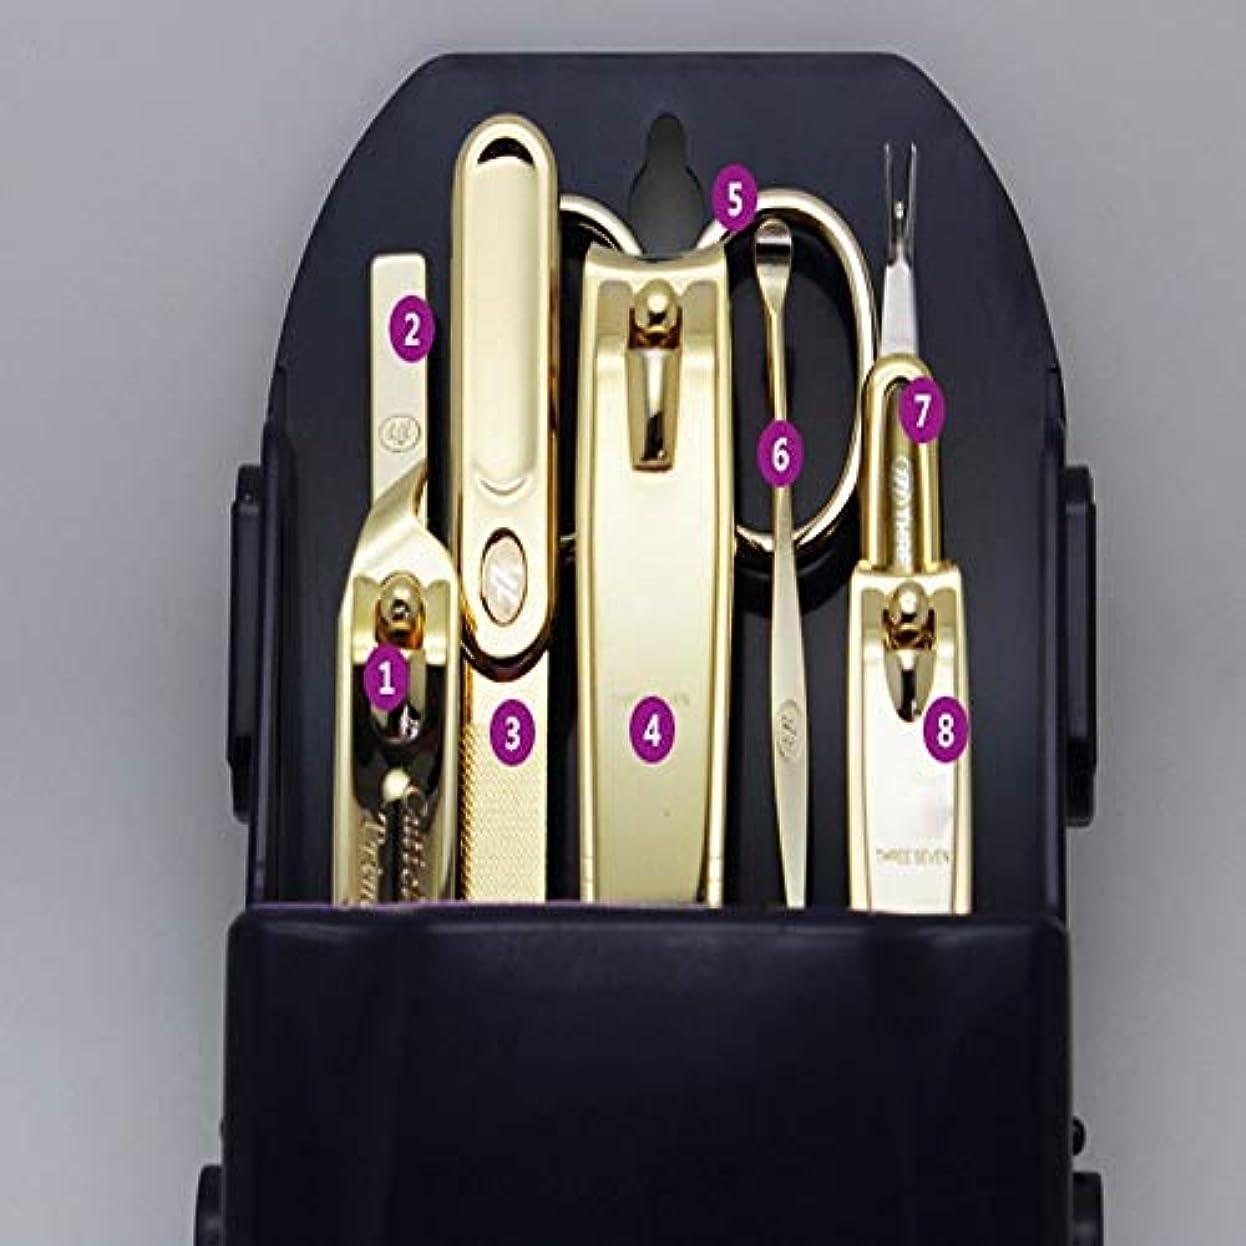 剥ぎ取る事実見出しTUOFL 8セットのマニキュアネイルツールセット、ホームマニキュアネイルクリッパーセット、炭素鋼材料、高硬度 (Color : Gold)